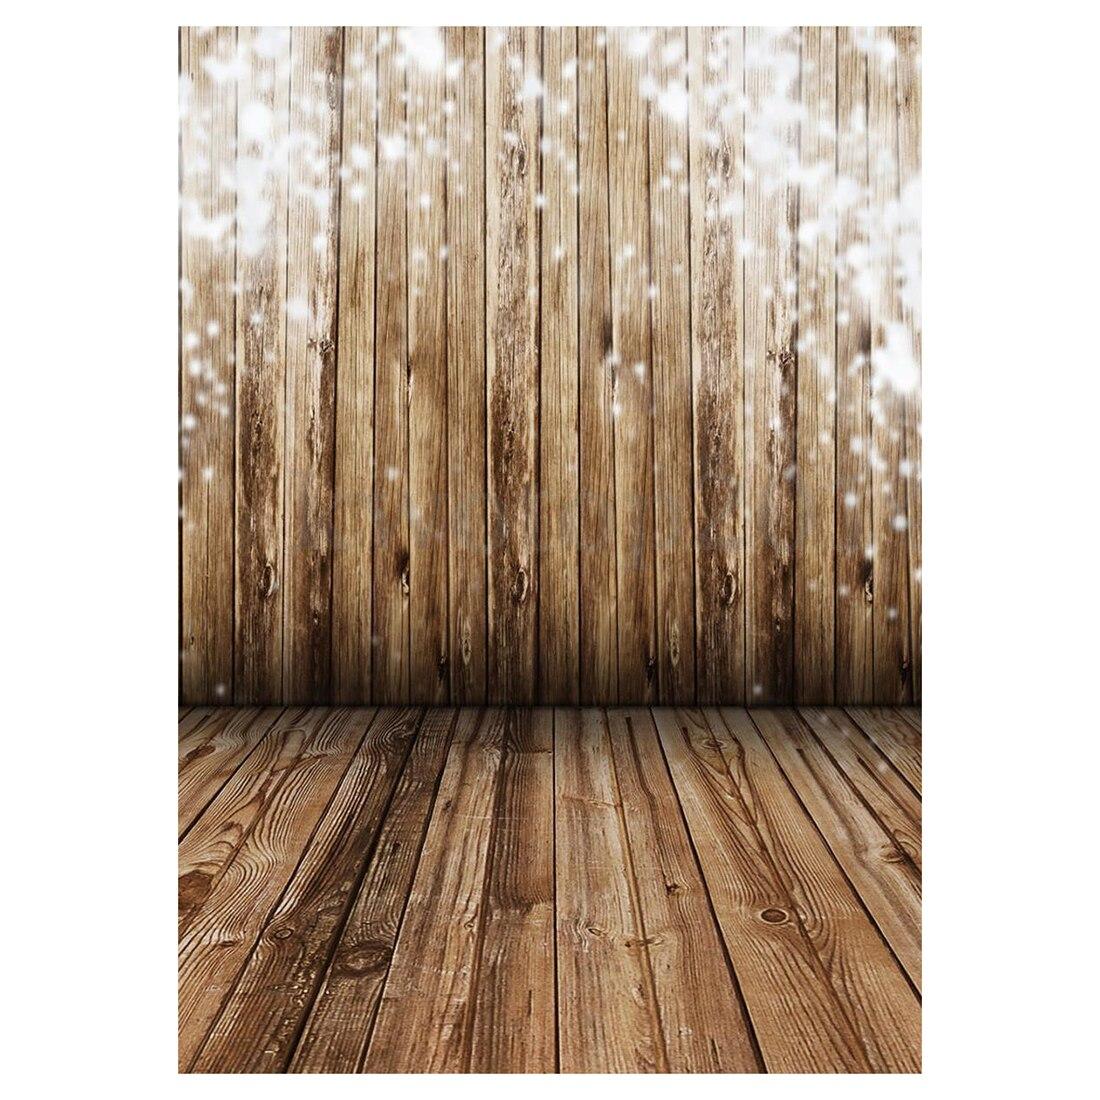 3X5FT Wood Wall Floor Vinyl Photography Backdrop Photo Background Studio Props 1 5 2 1m wood door vinyl photography background wood floor oxford backdrop for children photo studio props vintage style